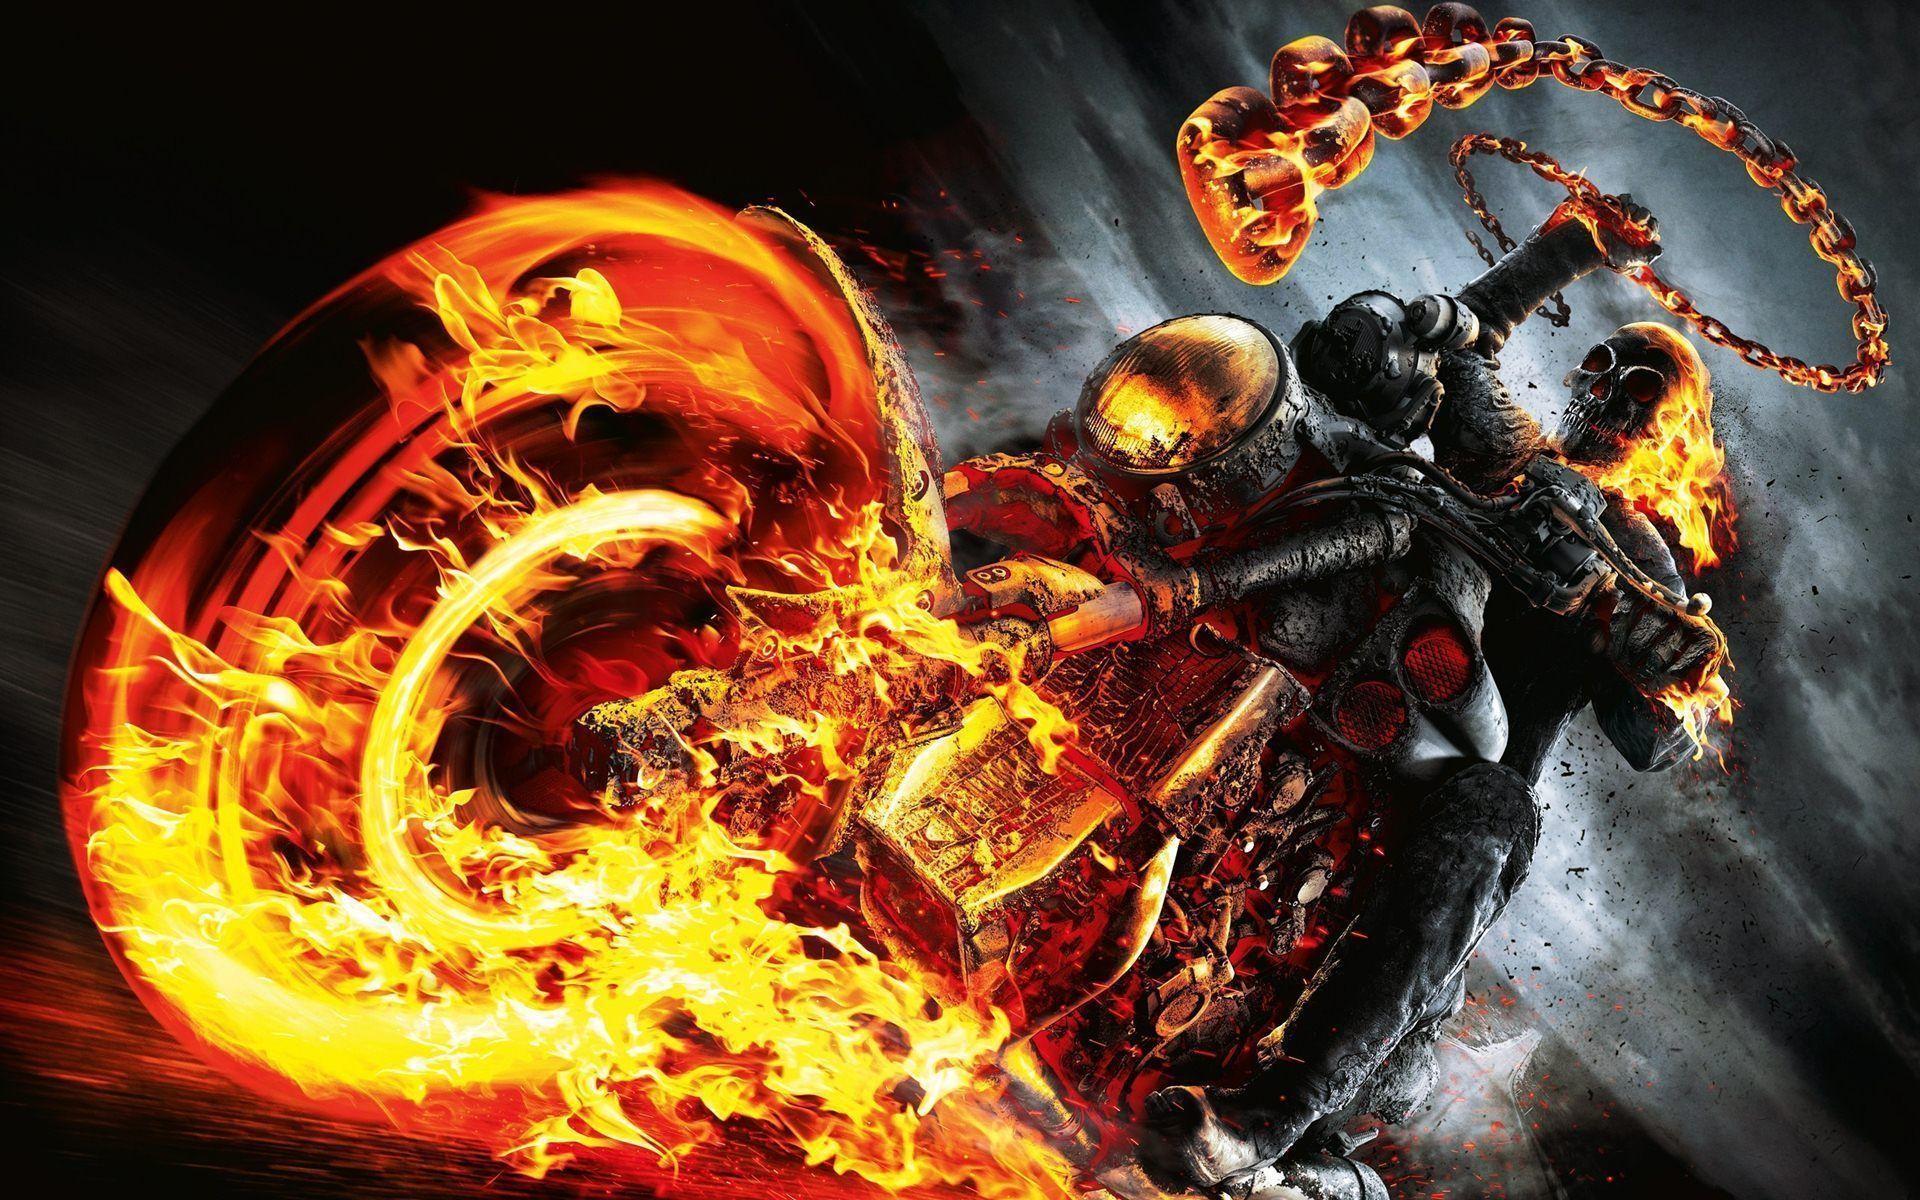 Ghost Rider Spirit Of Vengeance Skull Fire Bike Wallpapers .